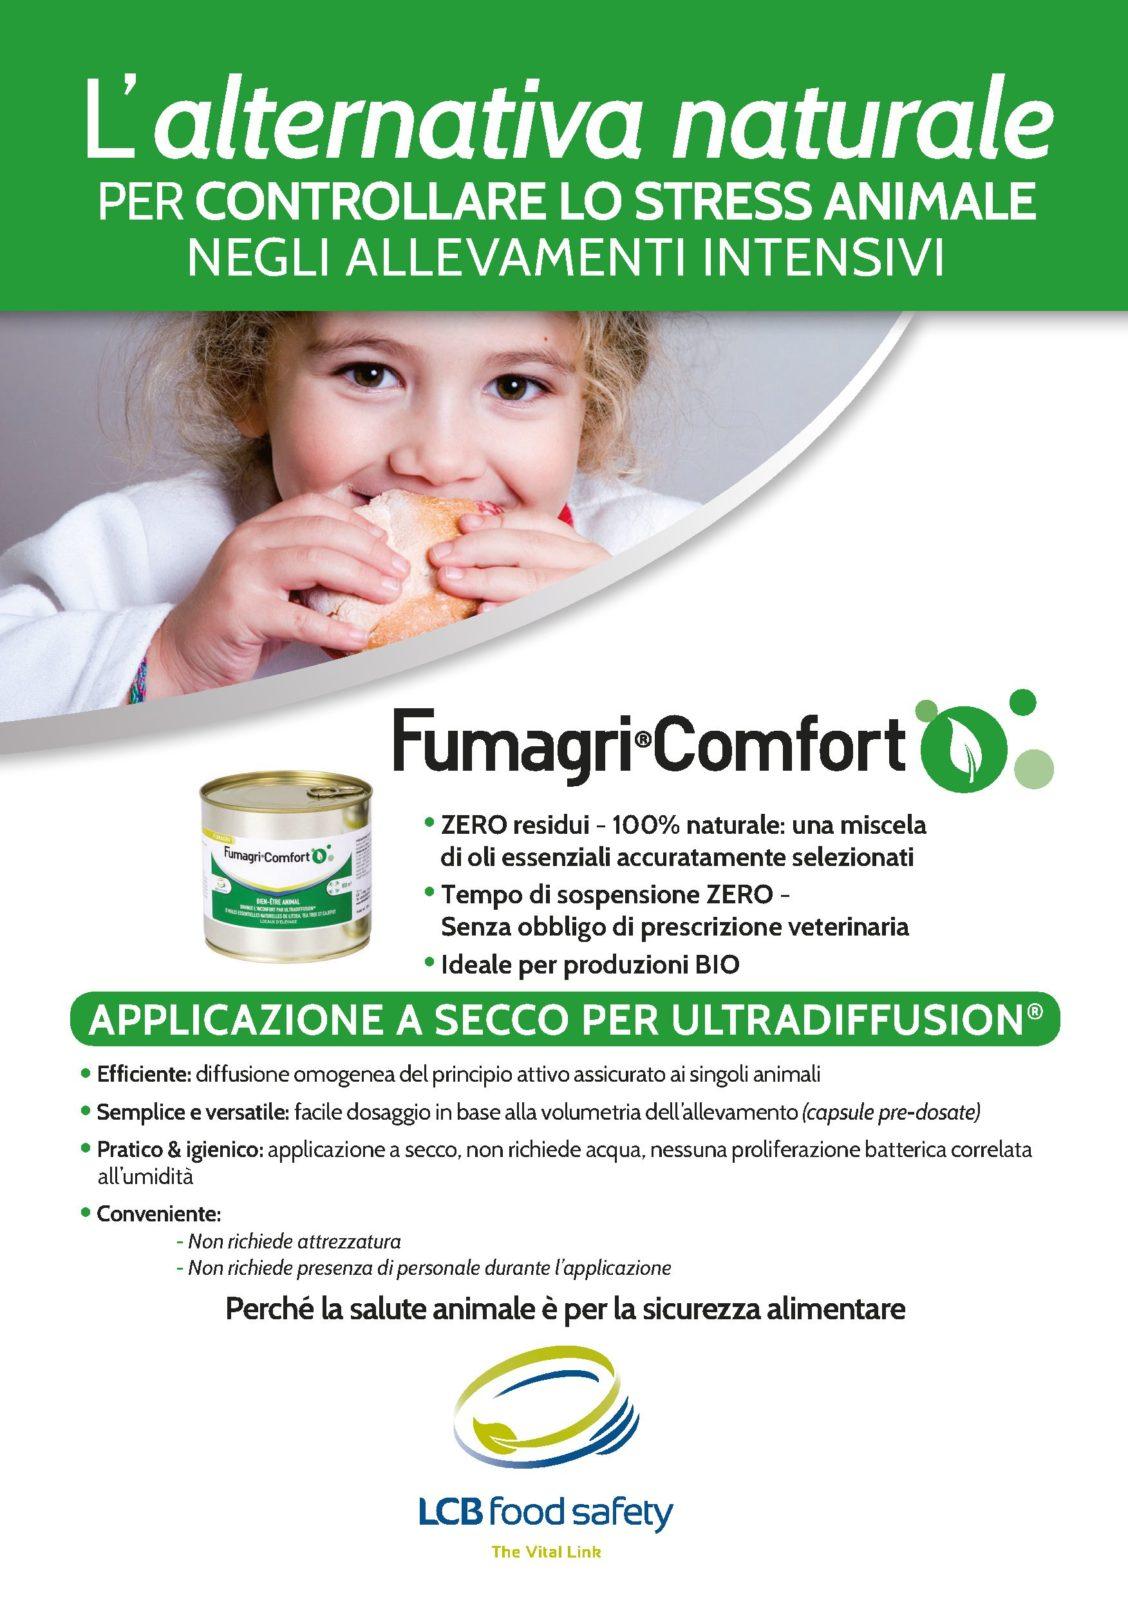 Fumagri Comfort: l'alternativa naturale per controllare lo stress animale negli allevamenti intensivi. Migliora la produttività, tutela la qualità